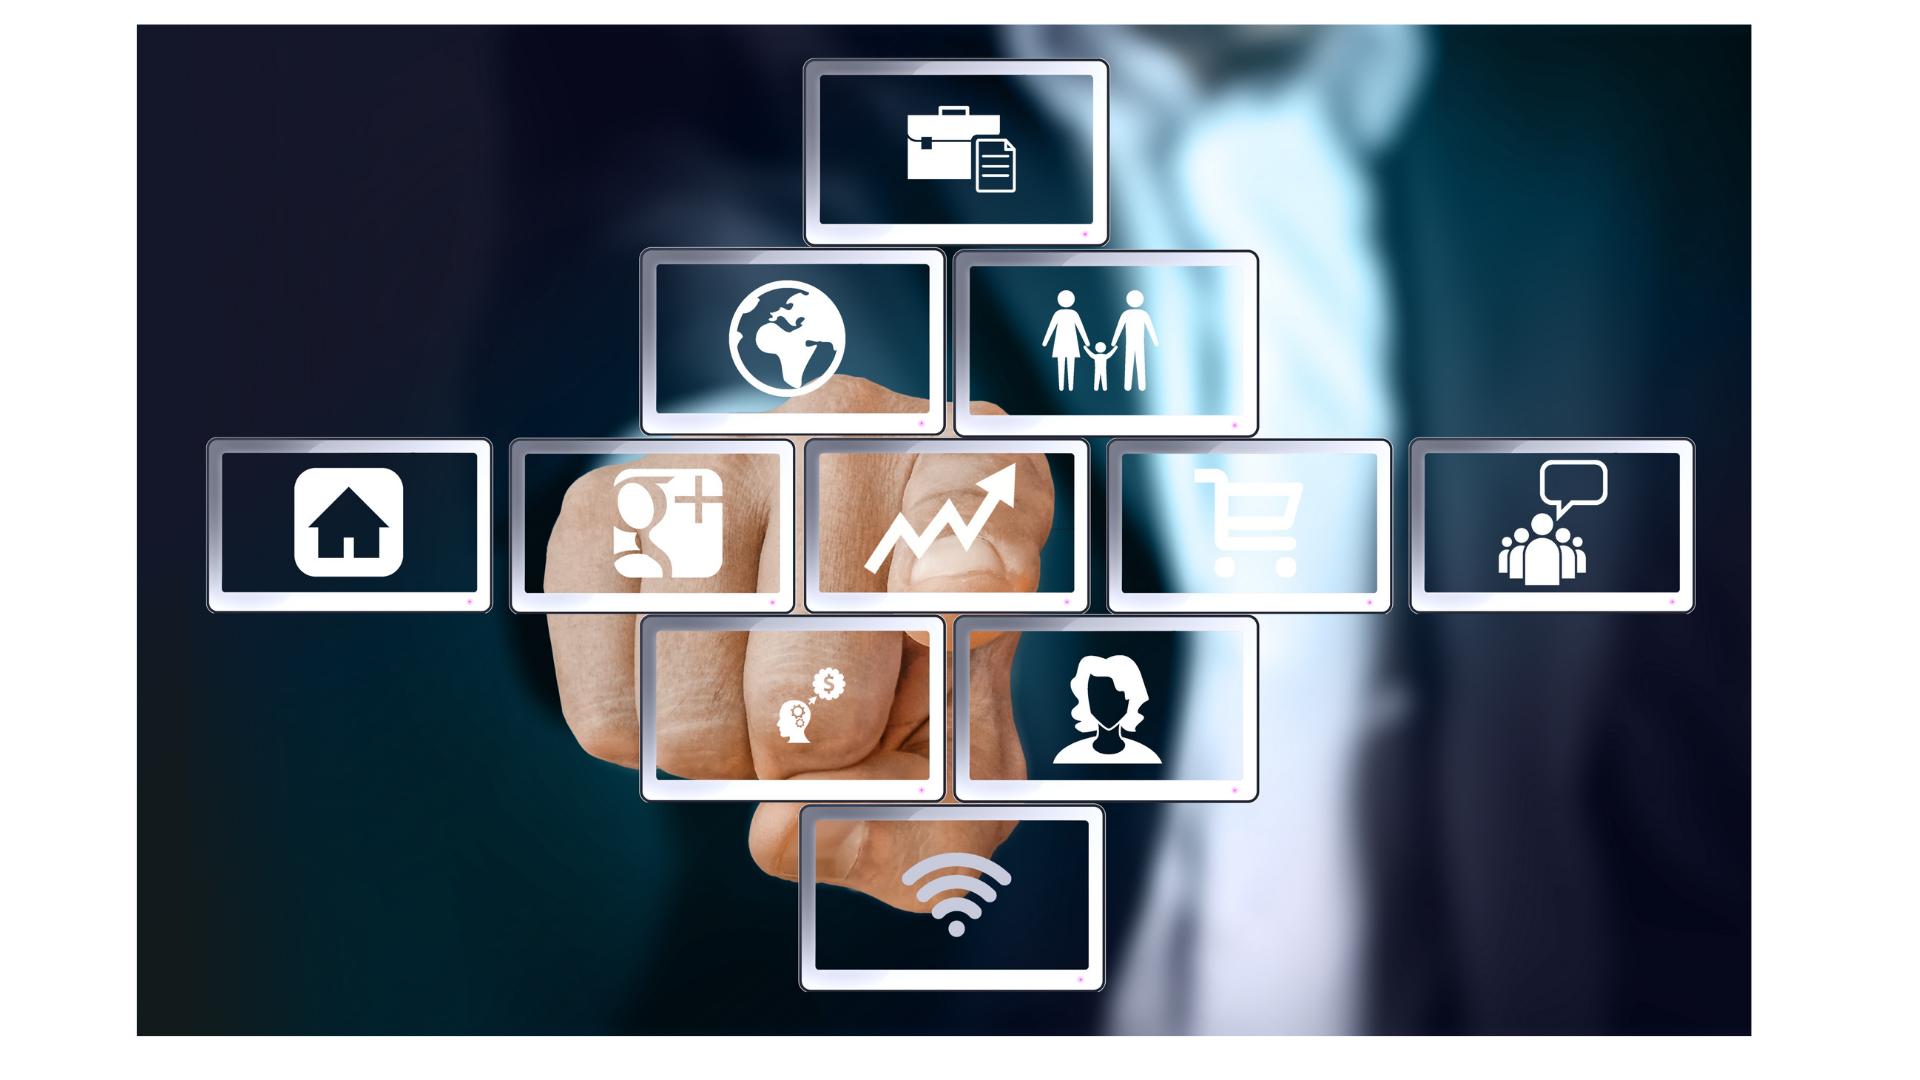 Tecnologia da internet das coisas vai receber R$ 409 milhões para investimentos, anuncia governo